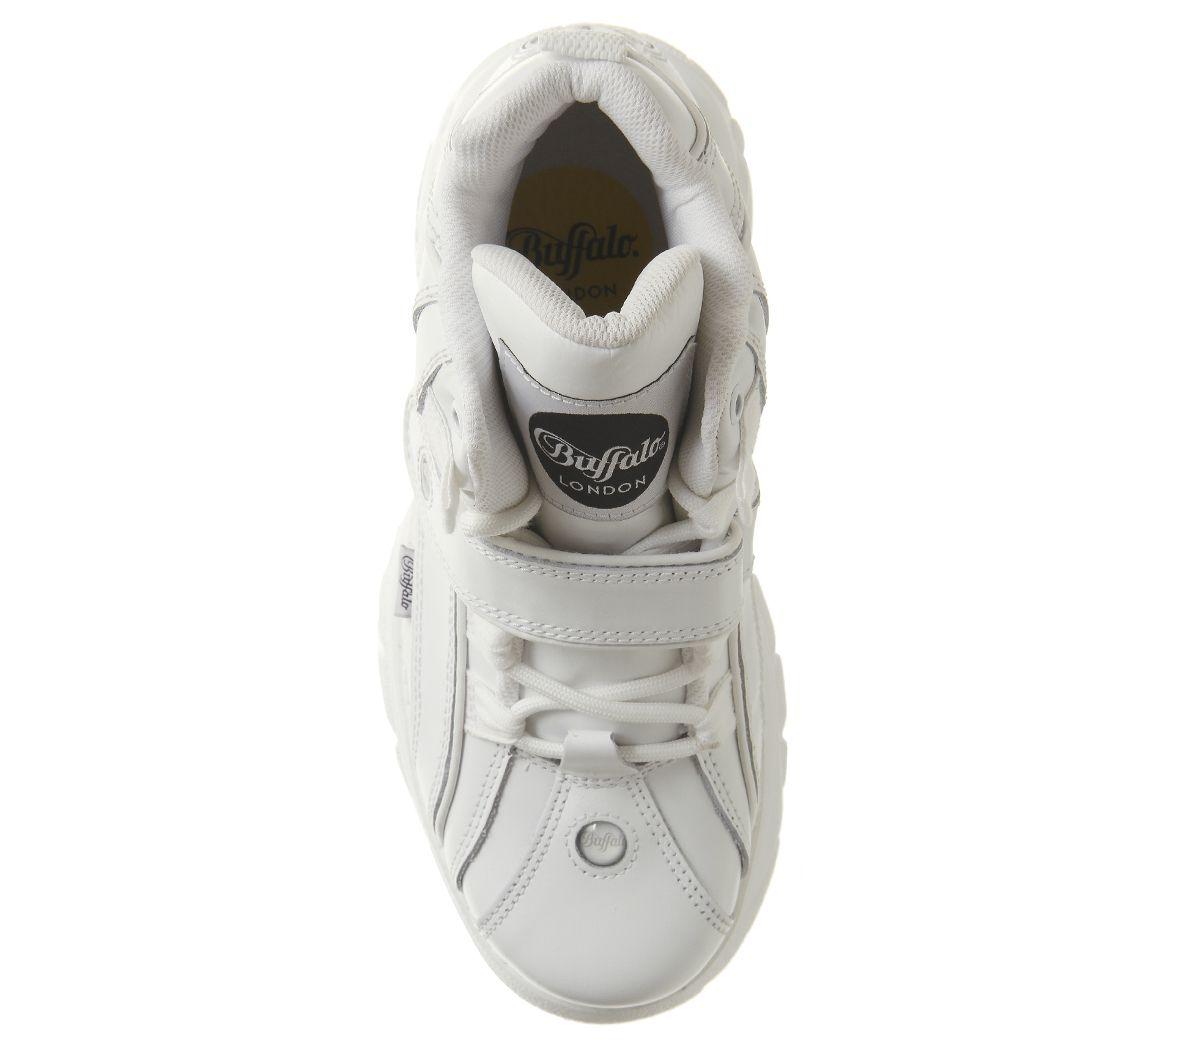 Womens-Buffalo-Buffalo-Classic-High-Sneakers-White-Trainers-Shoes thumbnail 12